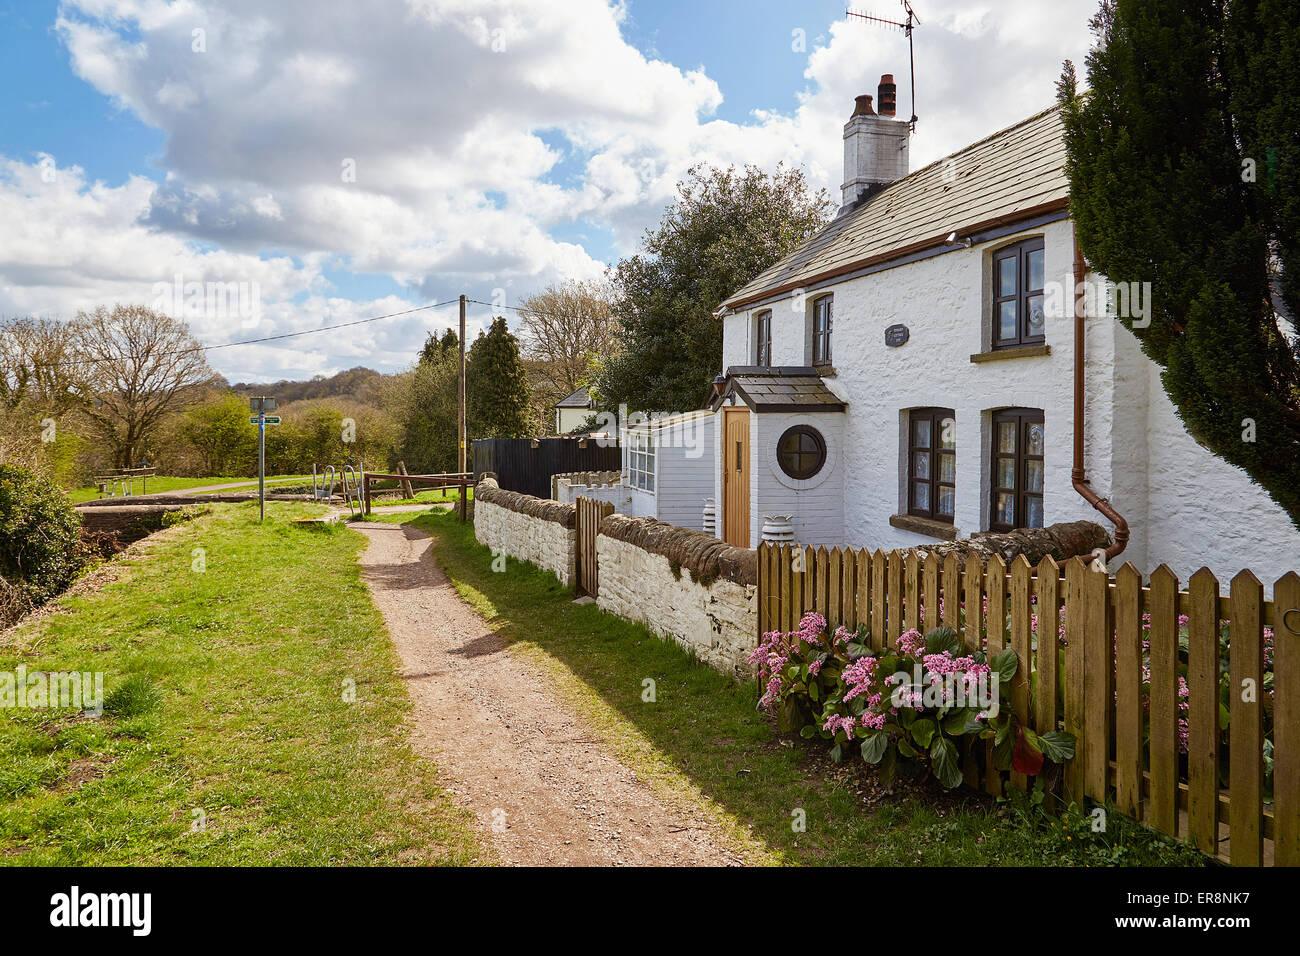 Pensarn cottage, datée du 1792 situé à côté de l'Quatorze écluses sur les Brecon,et,&,Monmouthshire Photo Stock